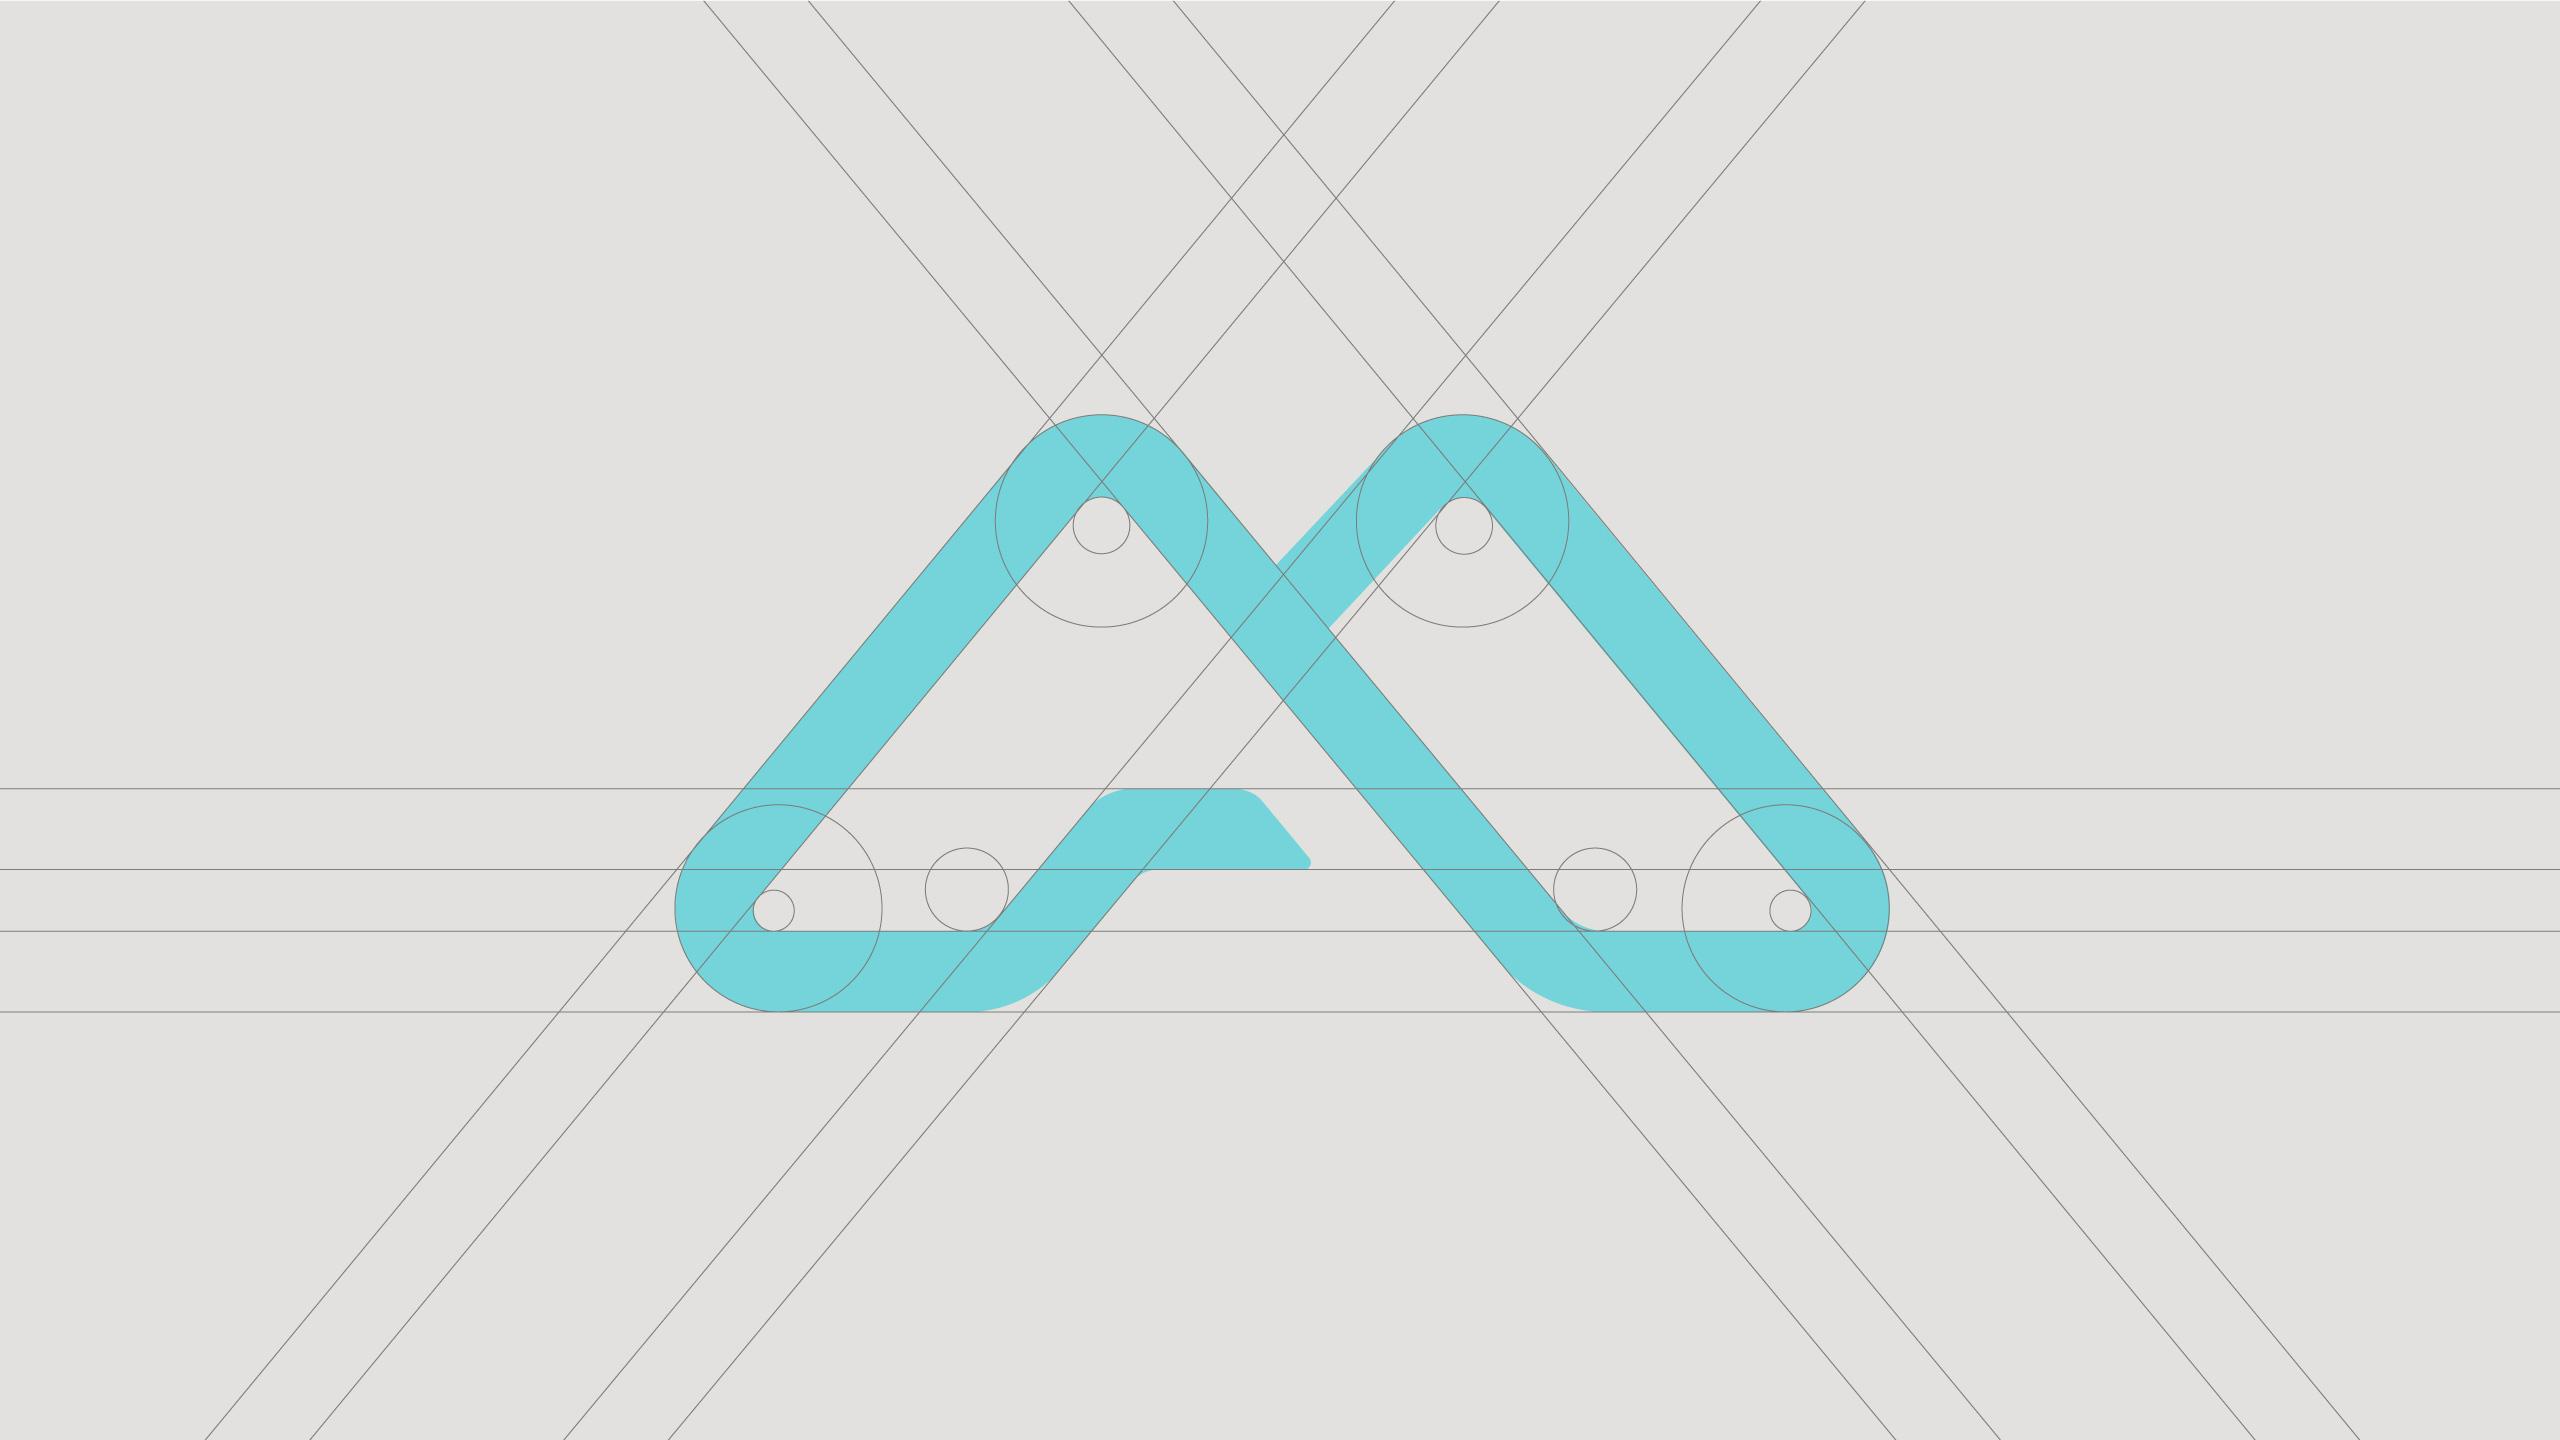 Brand identity design for Advamedica